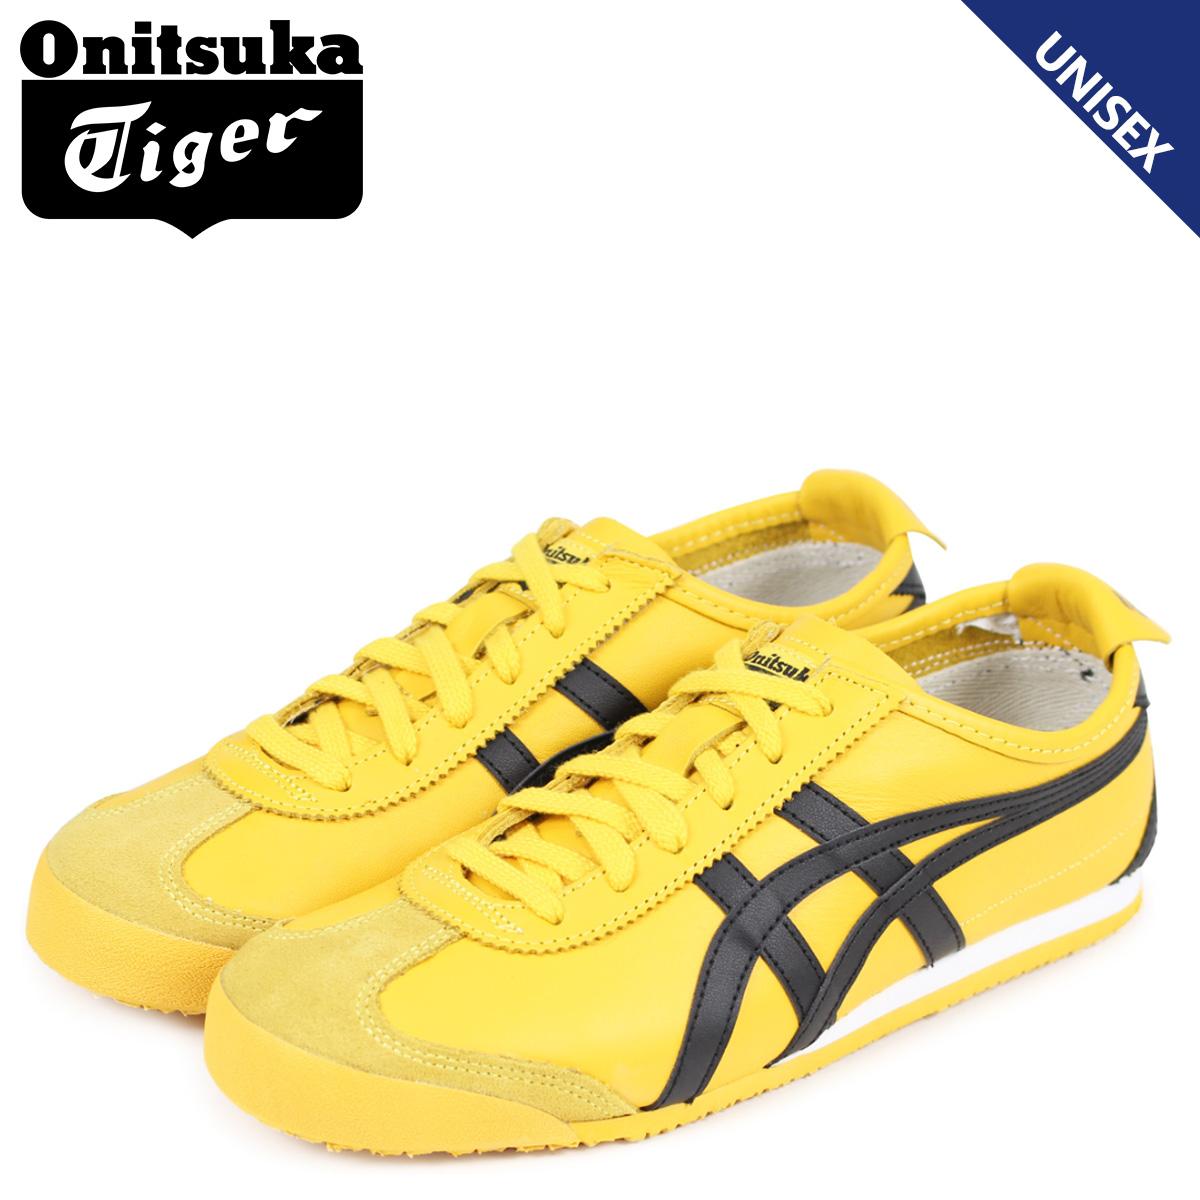 Onitsuka Tiger メキシコ 66 オニツカタイガー MEXICO 66 メンズ レディース スニーカー DL202-0490 THL202-0490 DL408-0490 イエロー